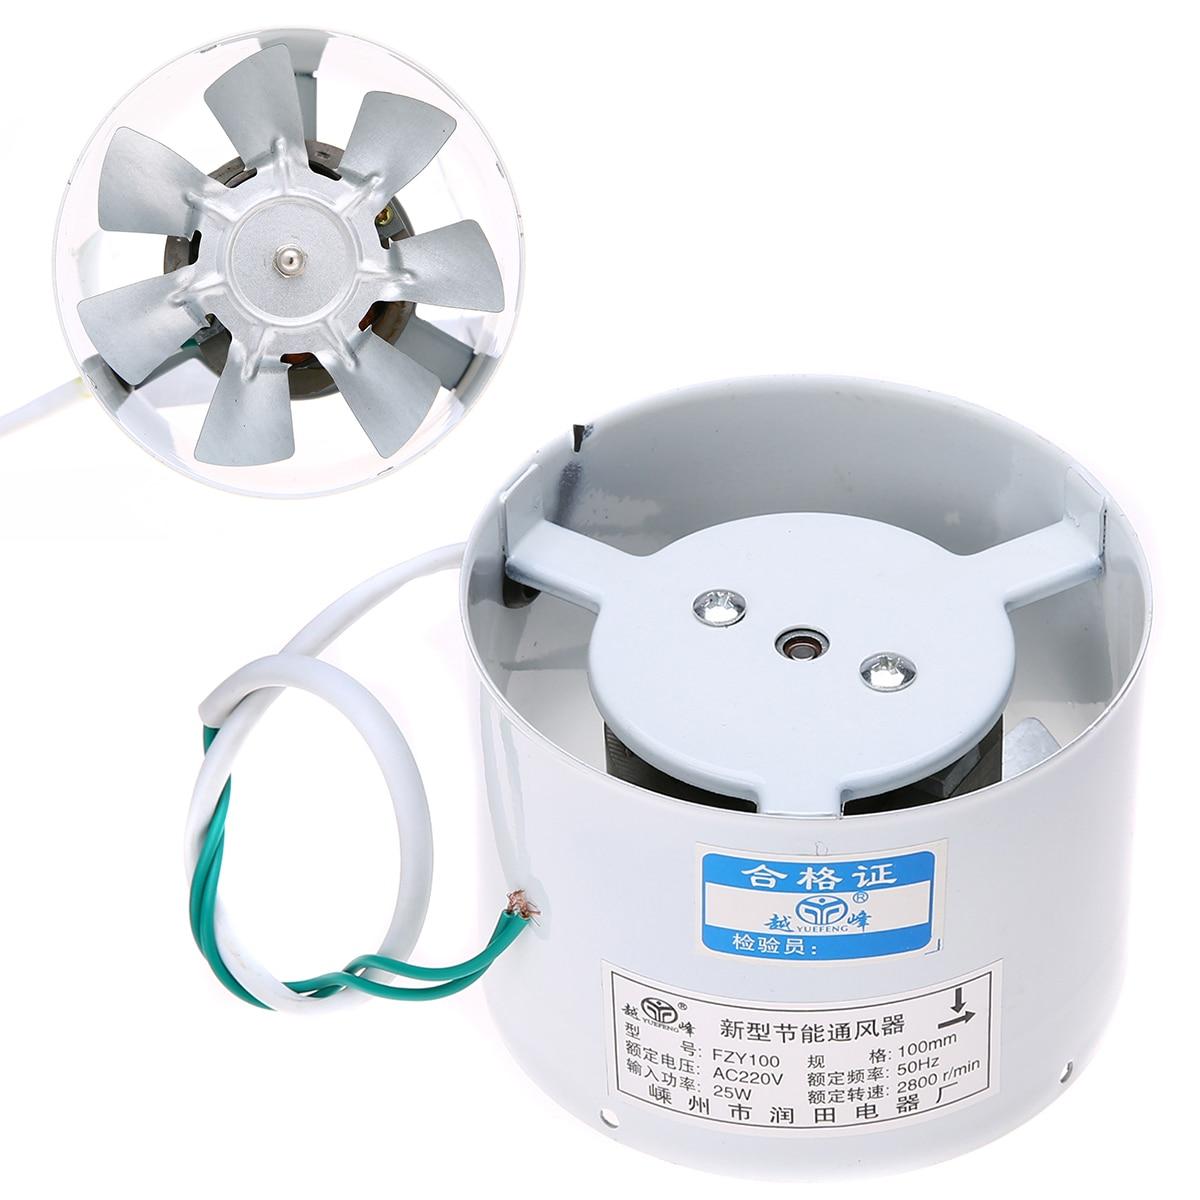 Mayitr 4'' Inline Ducting Fan Booster Exhaust Blower High Speed Quiet Fan Exhaust Ventilation Duct Fan 220V 50Hz 25W 2800R/Min 220v variable 15a fan speed controller for hydroponics inline duct fan exhaust with wire